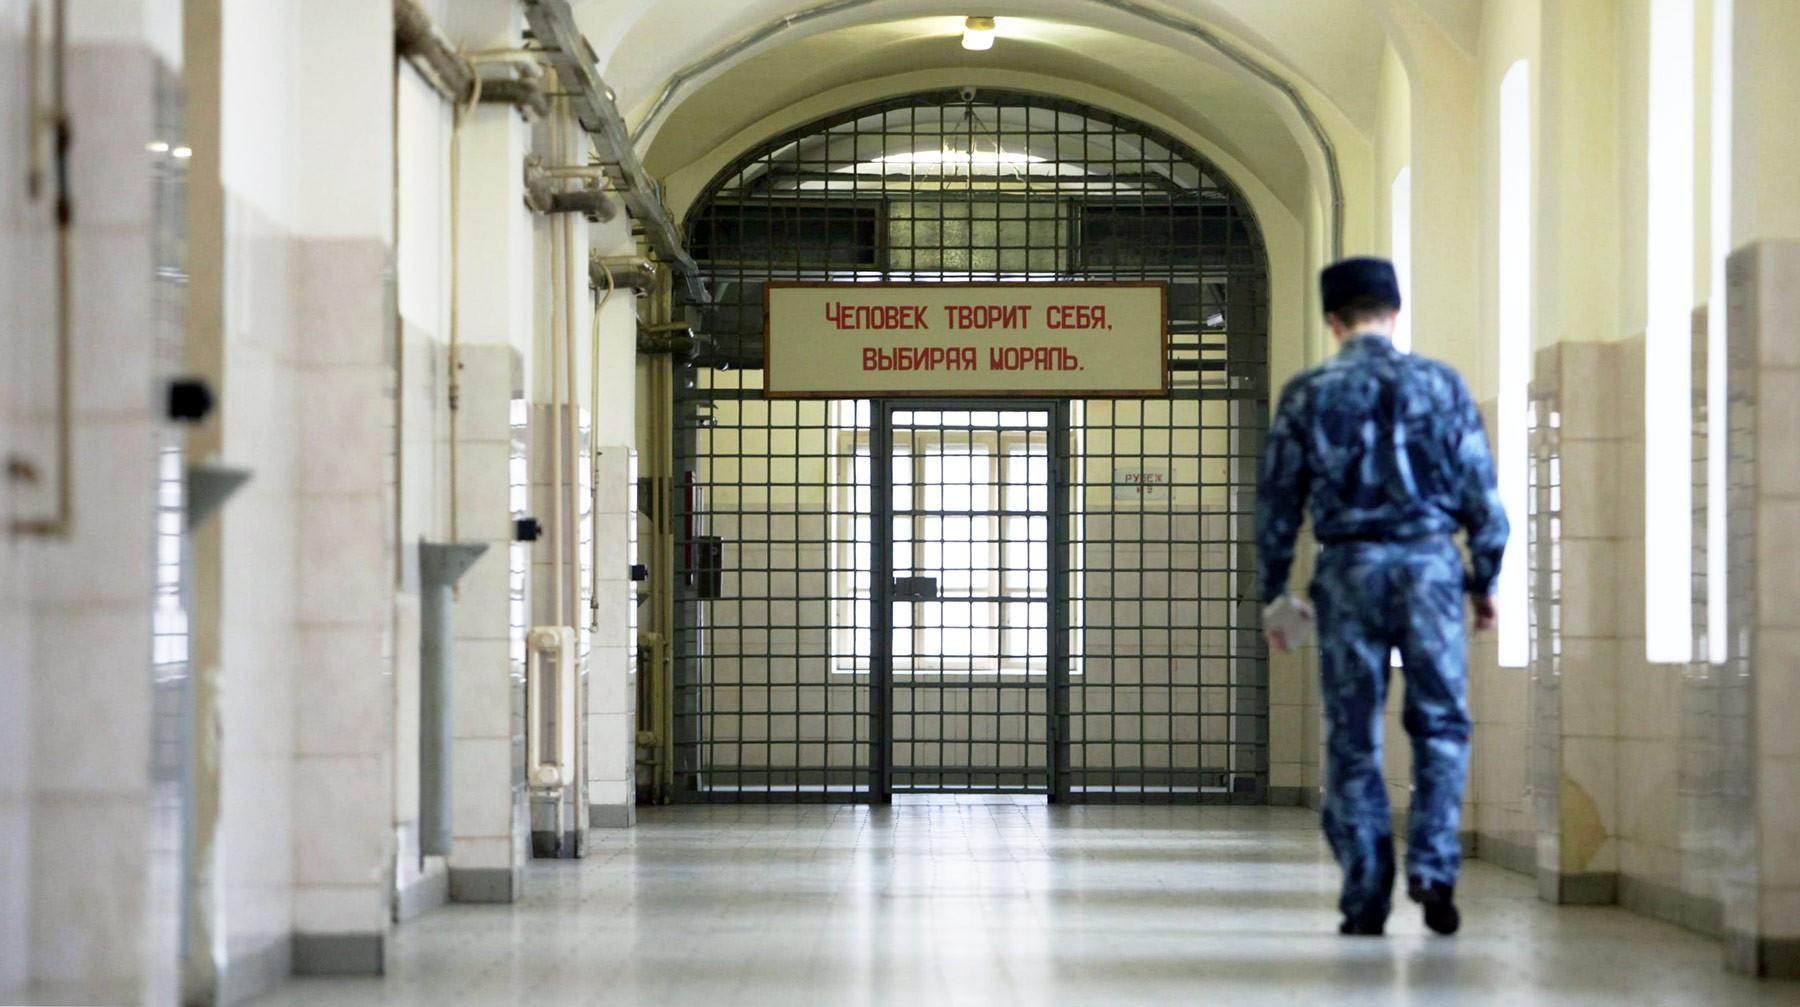 Dailystorm - Проверка колоний во Владимирской области выявила новые случаи пыток заключенных